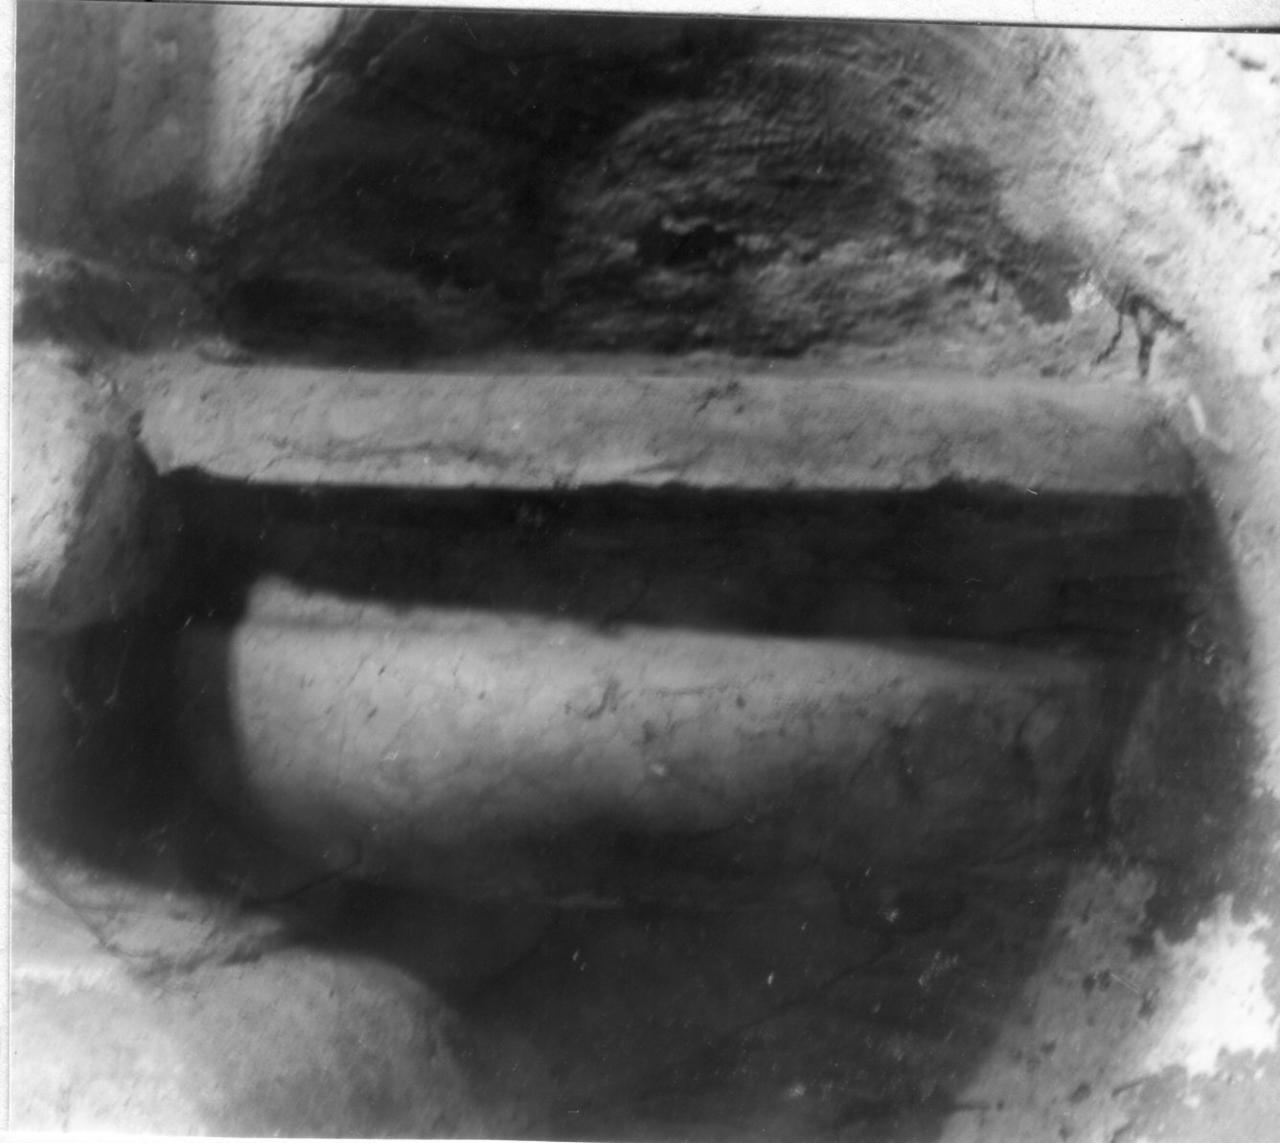 acquasantiera da parete, serie - bottega reggiana (inizio sec. XVIII)